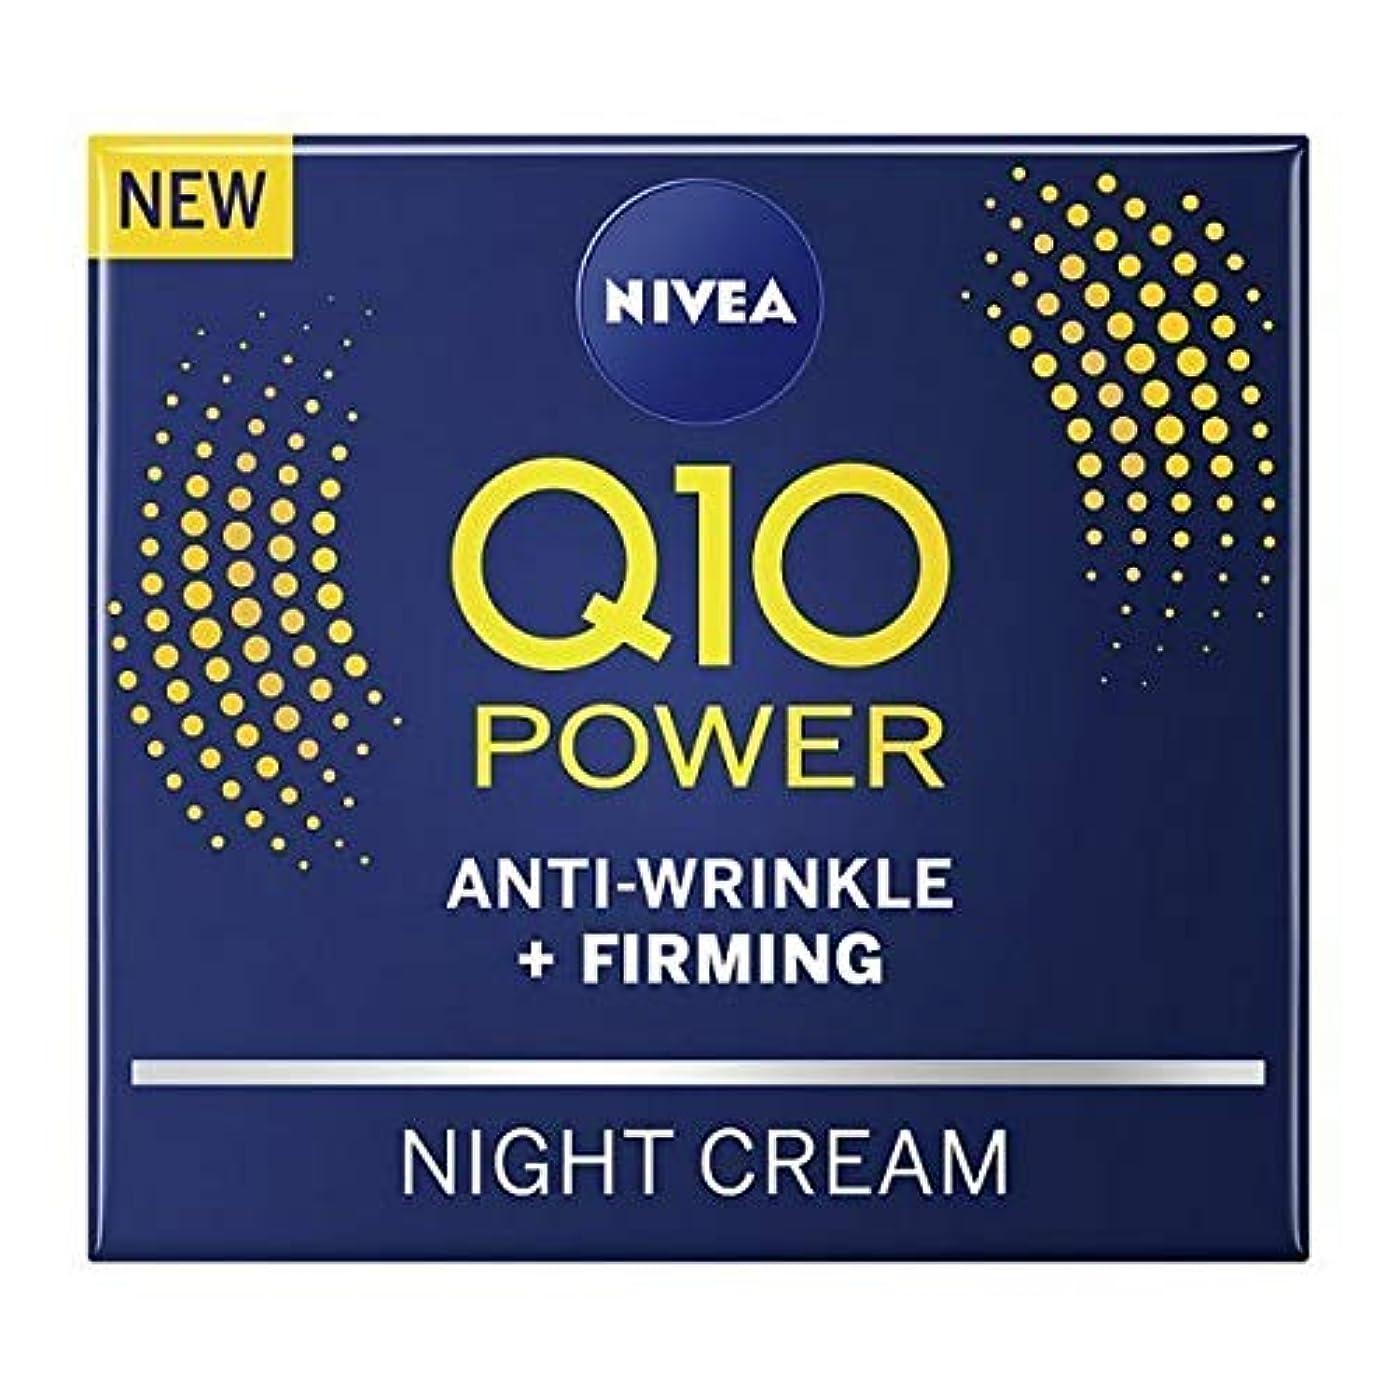 複雑な協力するく[Nivea ] ニベアQ10パワー抗シワ+引き締めナイトクリーム50Ml - NIVEA Q10 Power Anti-Wrinkle + Firming Night Cream 50ml [並行輸入品]